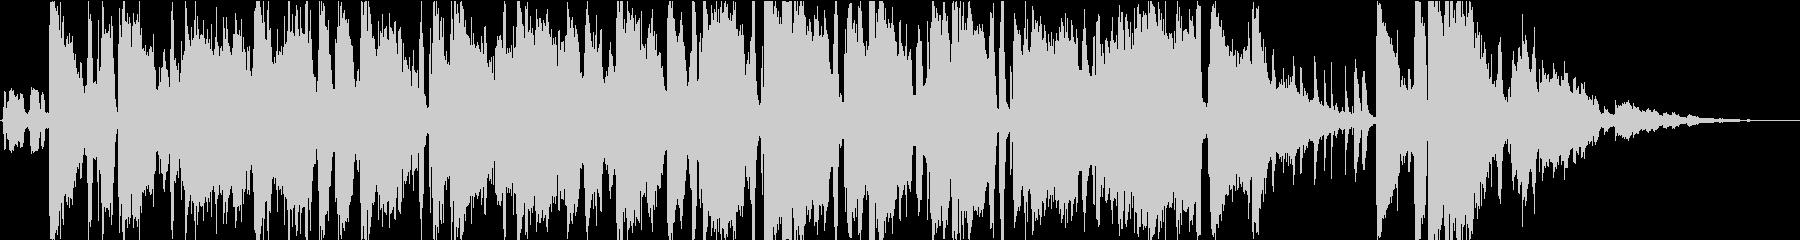 バーやラウンジを連想 ジャズフュージョンの未再生の波形